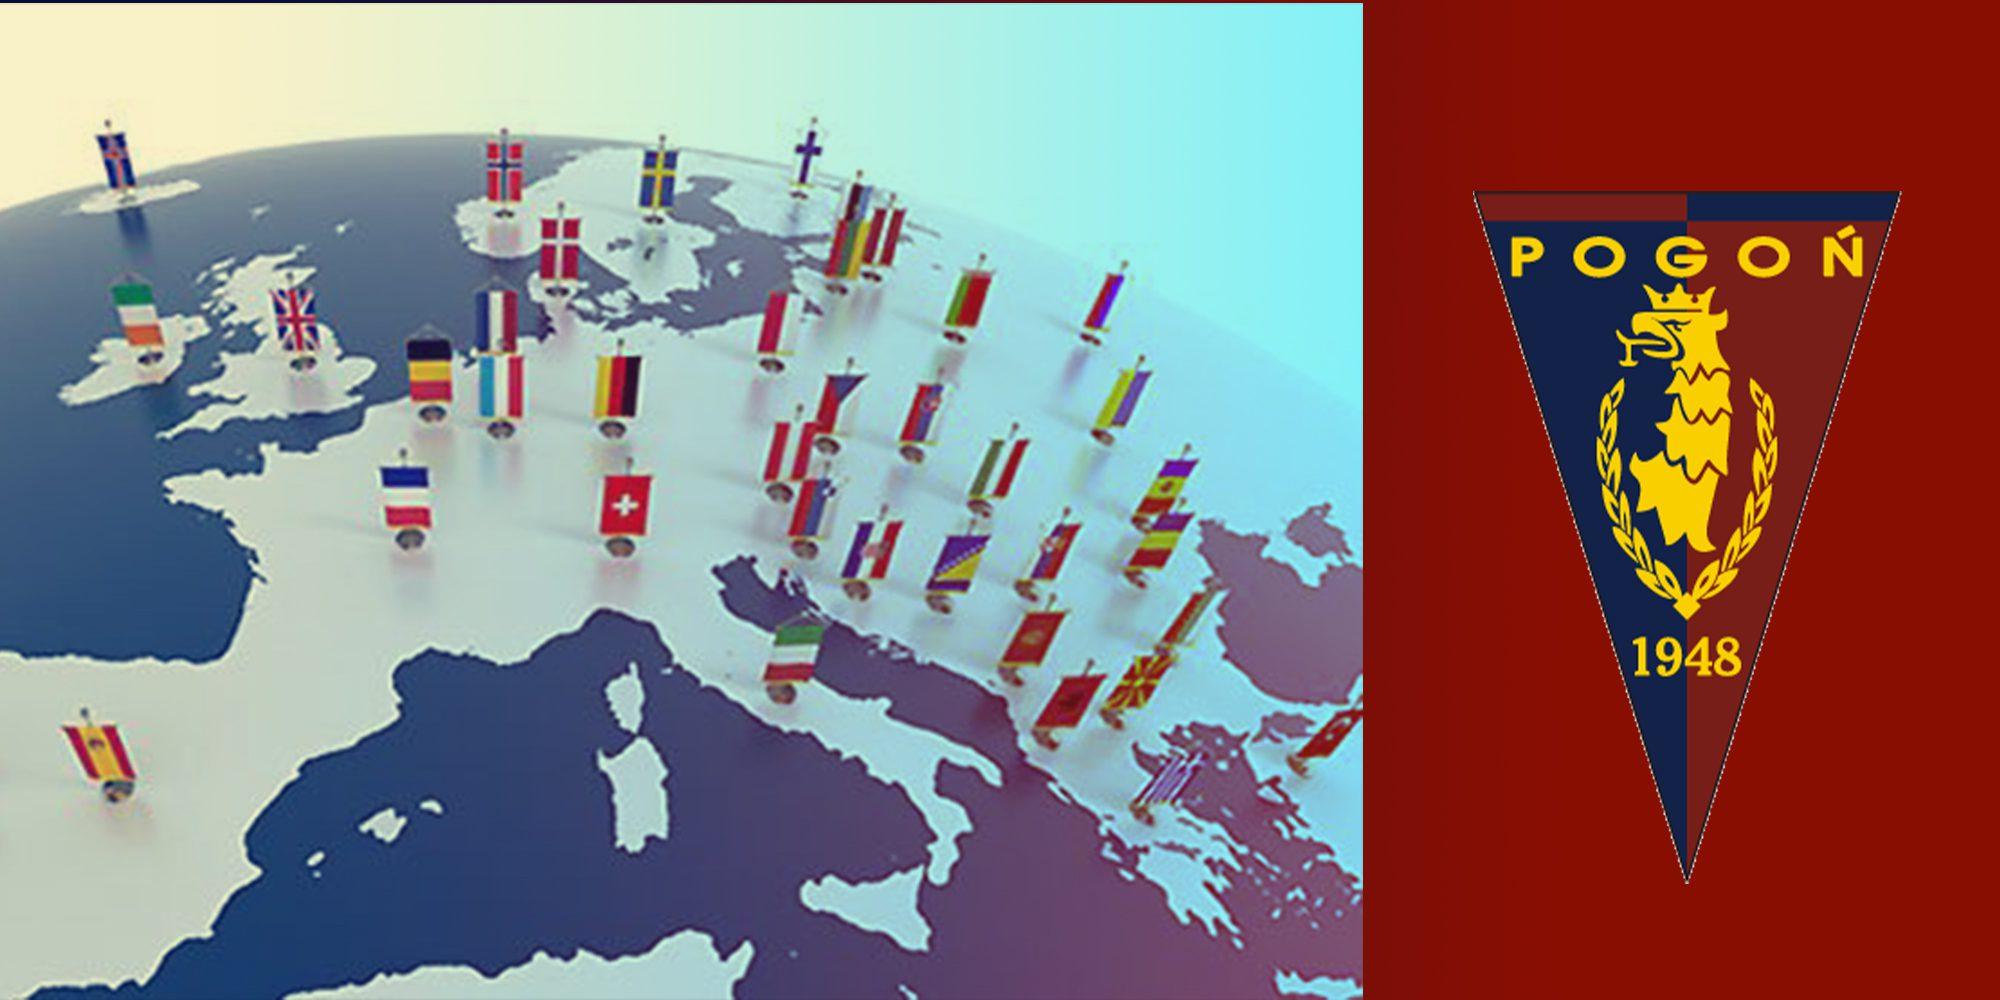 Pogoń kontra Europa